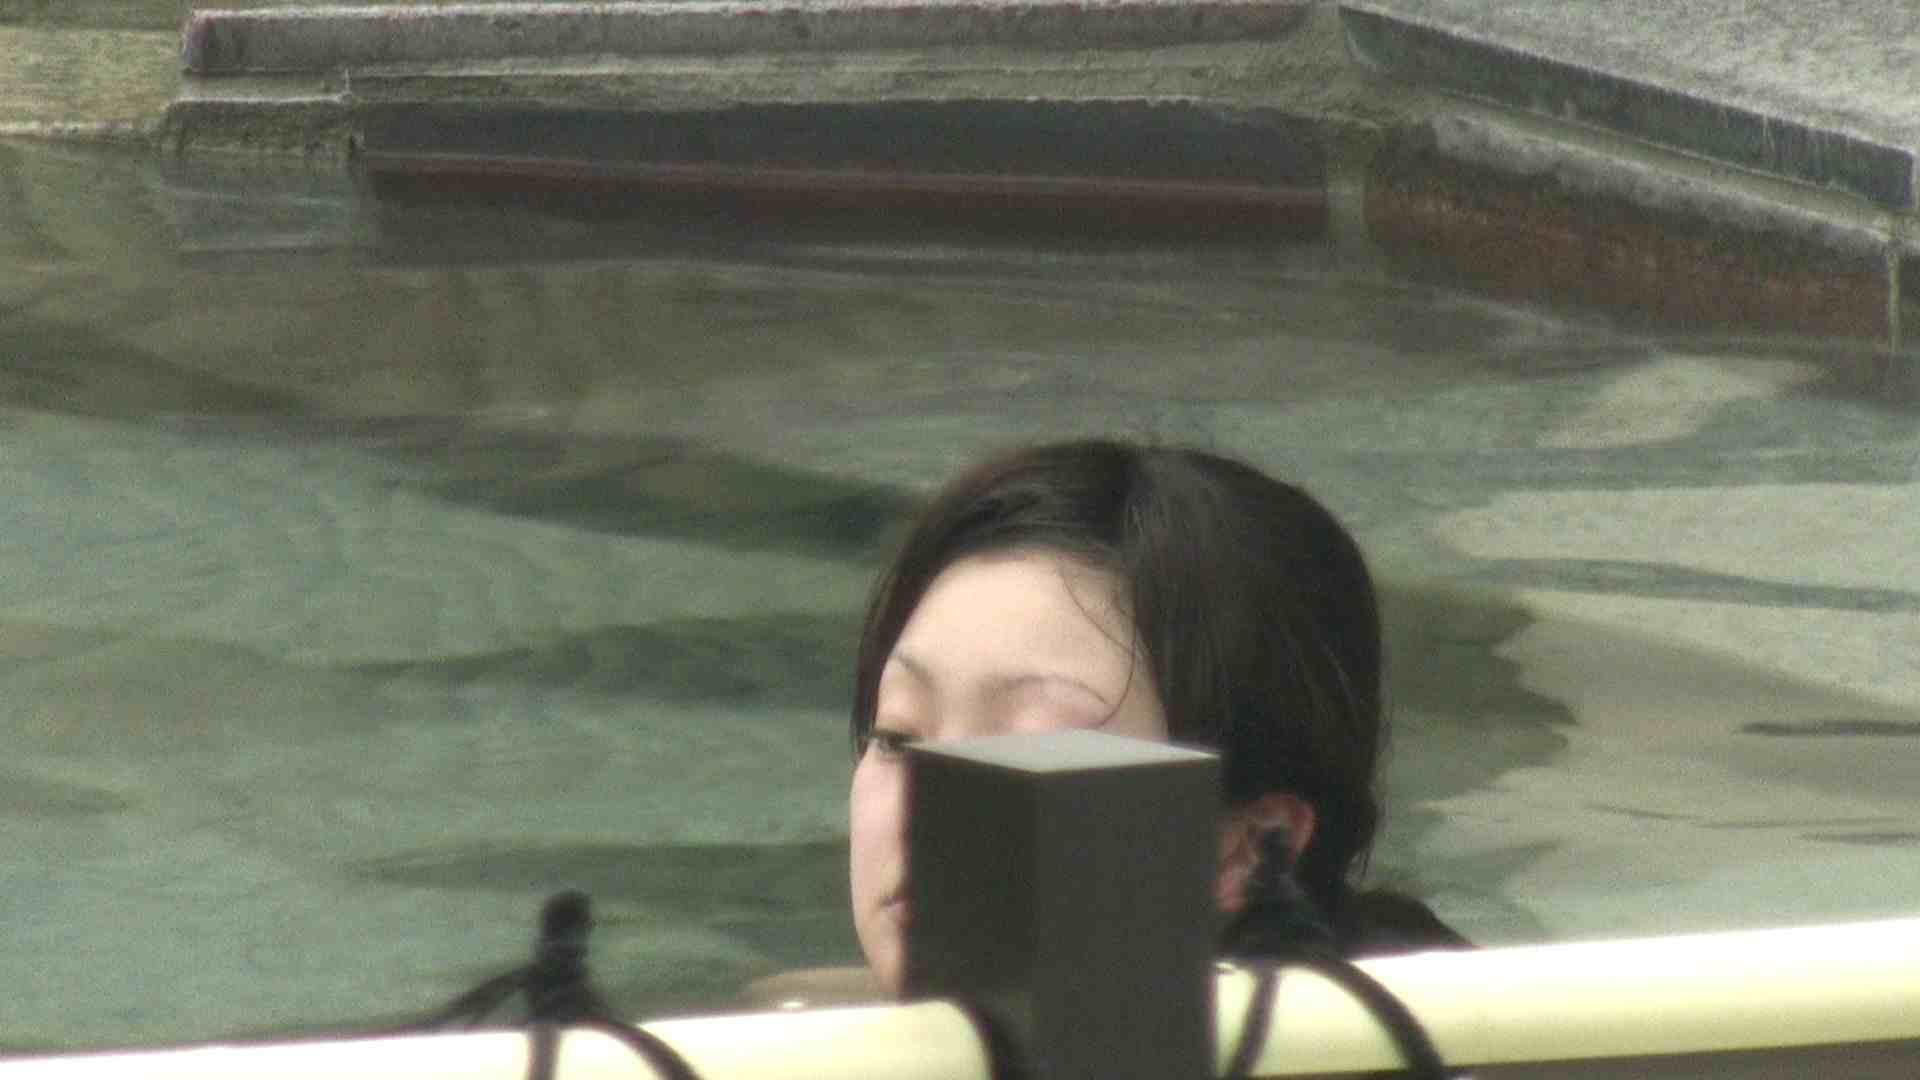 Aquaな露天風呂Vol.126 露天風呂  72連発 3